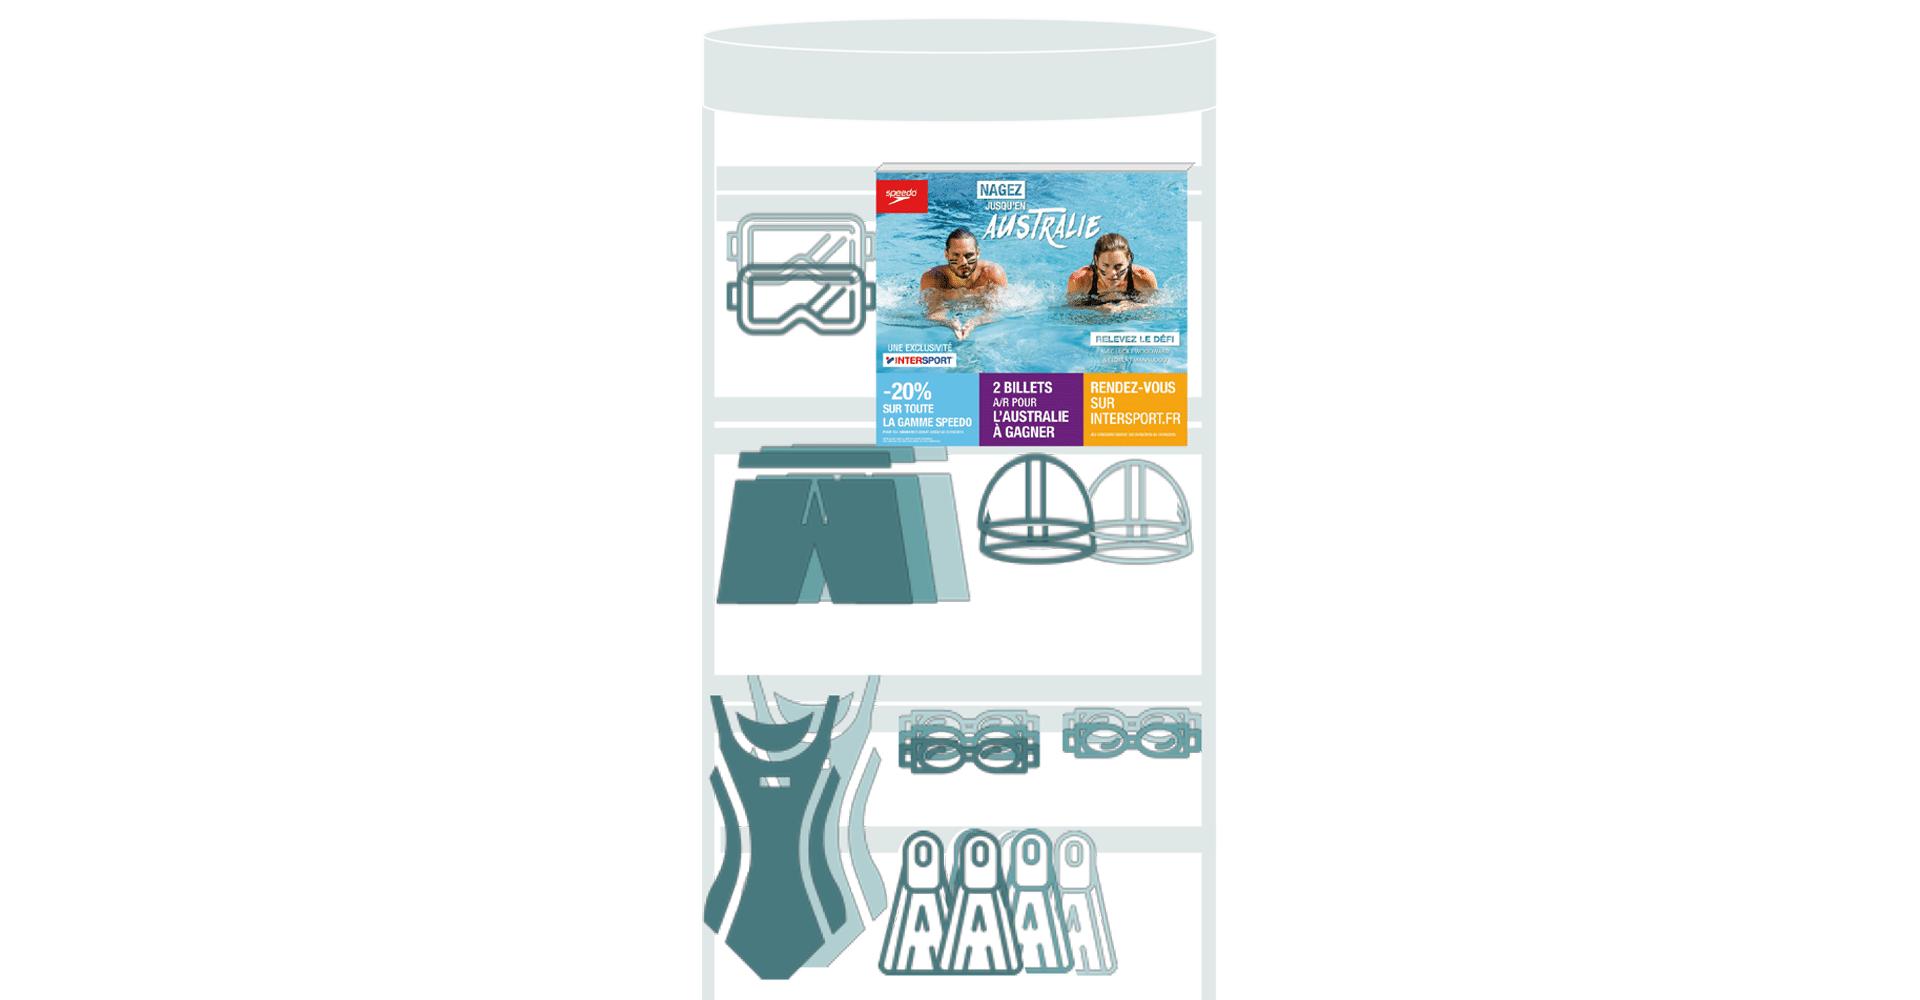 """PLV site campagne d'activation des ventes multi-produits Speedo, """"Nagez jusqu'en Australie"""", trade marketing réalisé par l'agence de communication digitale Siouxe, à Paris."""